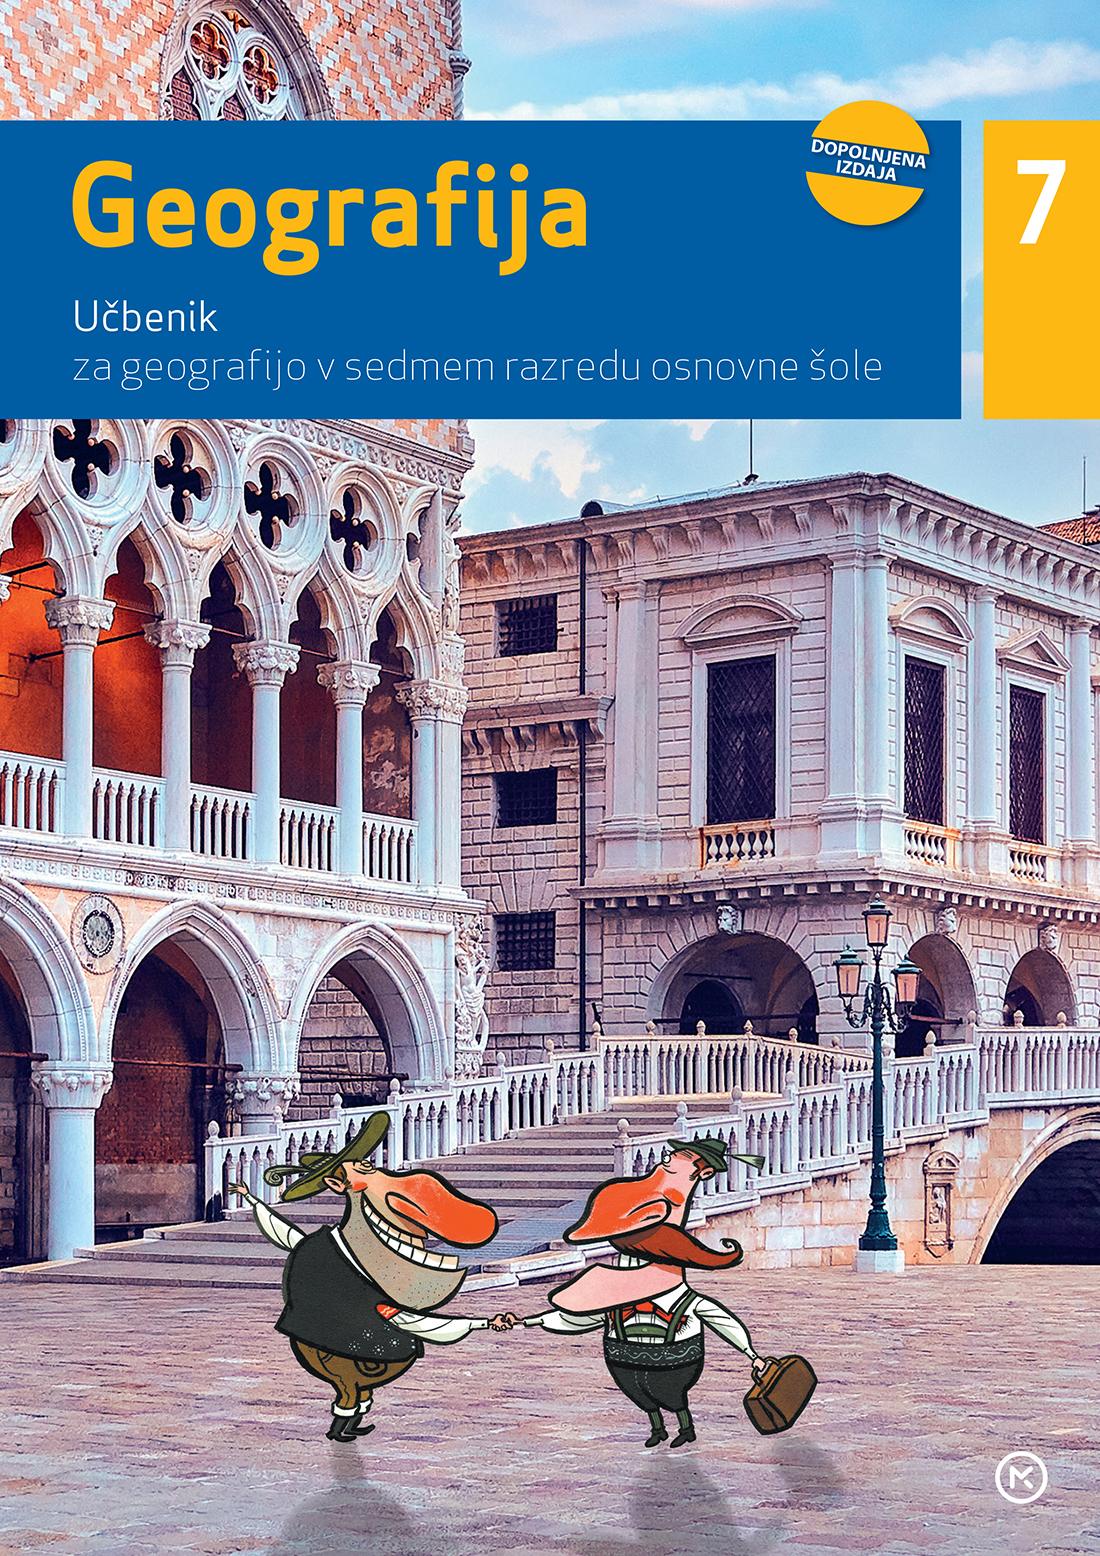 Geografija 7, učbenik - dopolnjena izdaja 2020